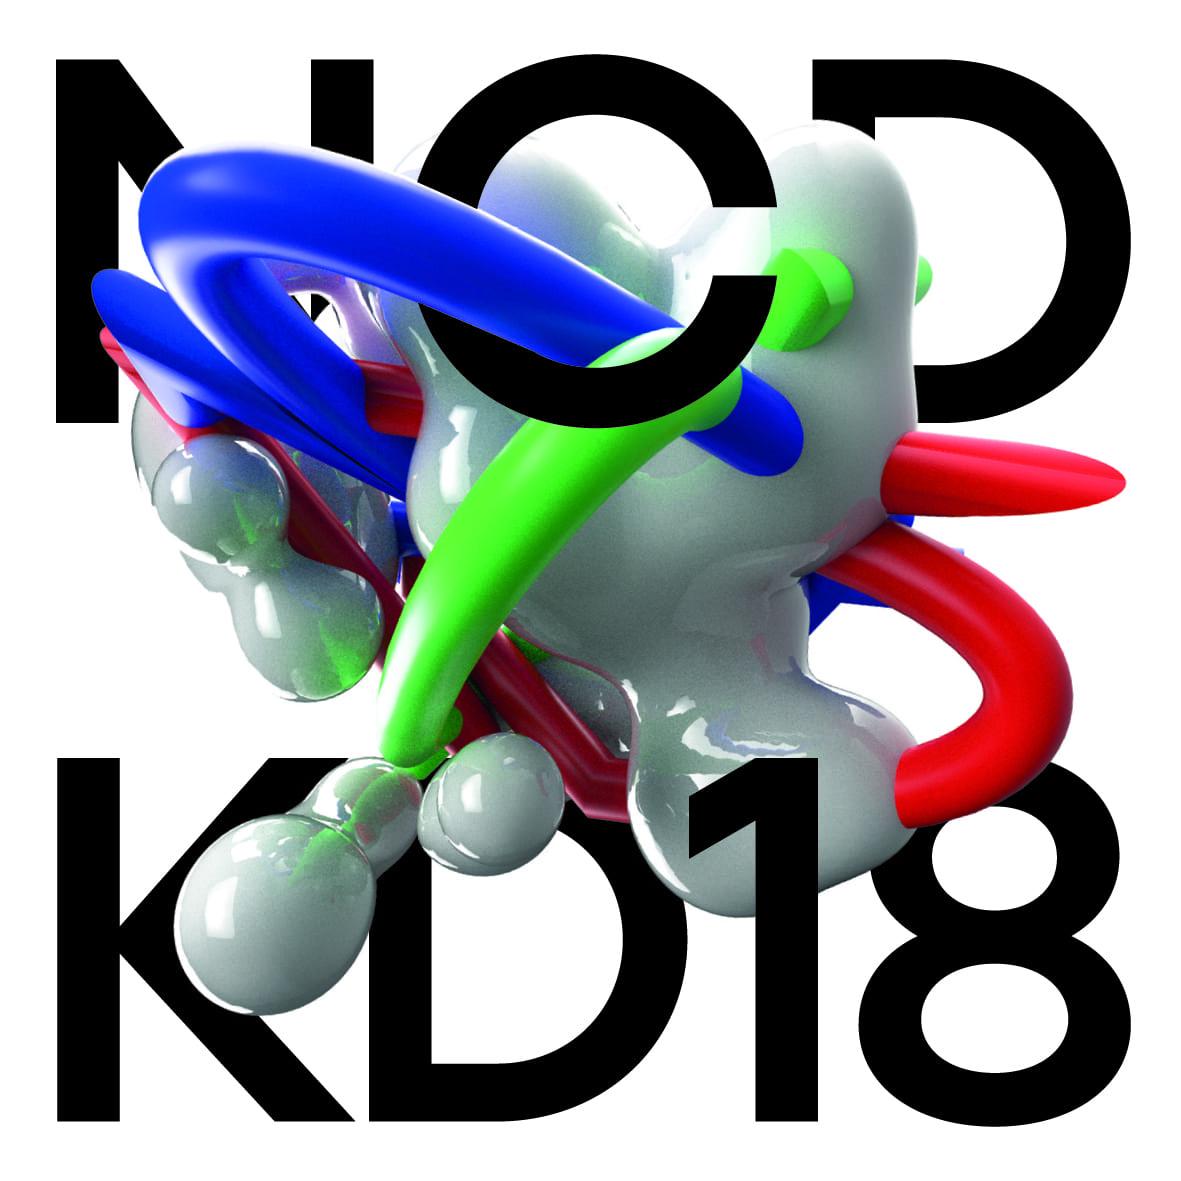 NCD18 Image 01 a - Výstava aslávnostné vyhlásenie výsledkov 15. ročníka Národnej ceny za dizajn 2018 – komunikačný dizajn